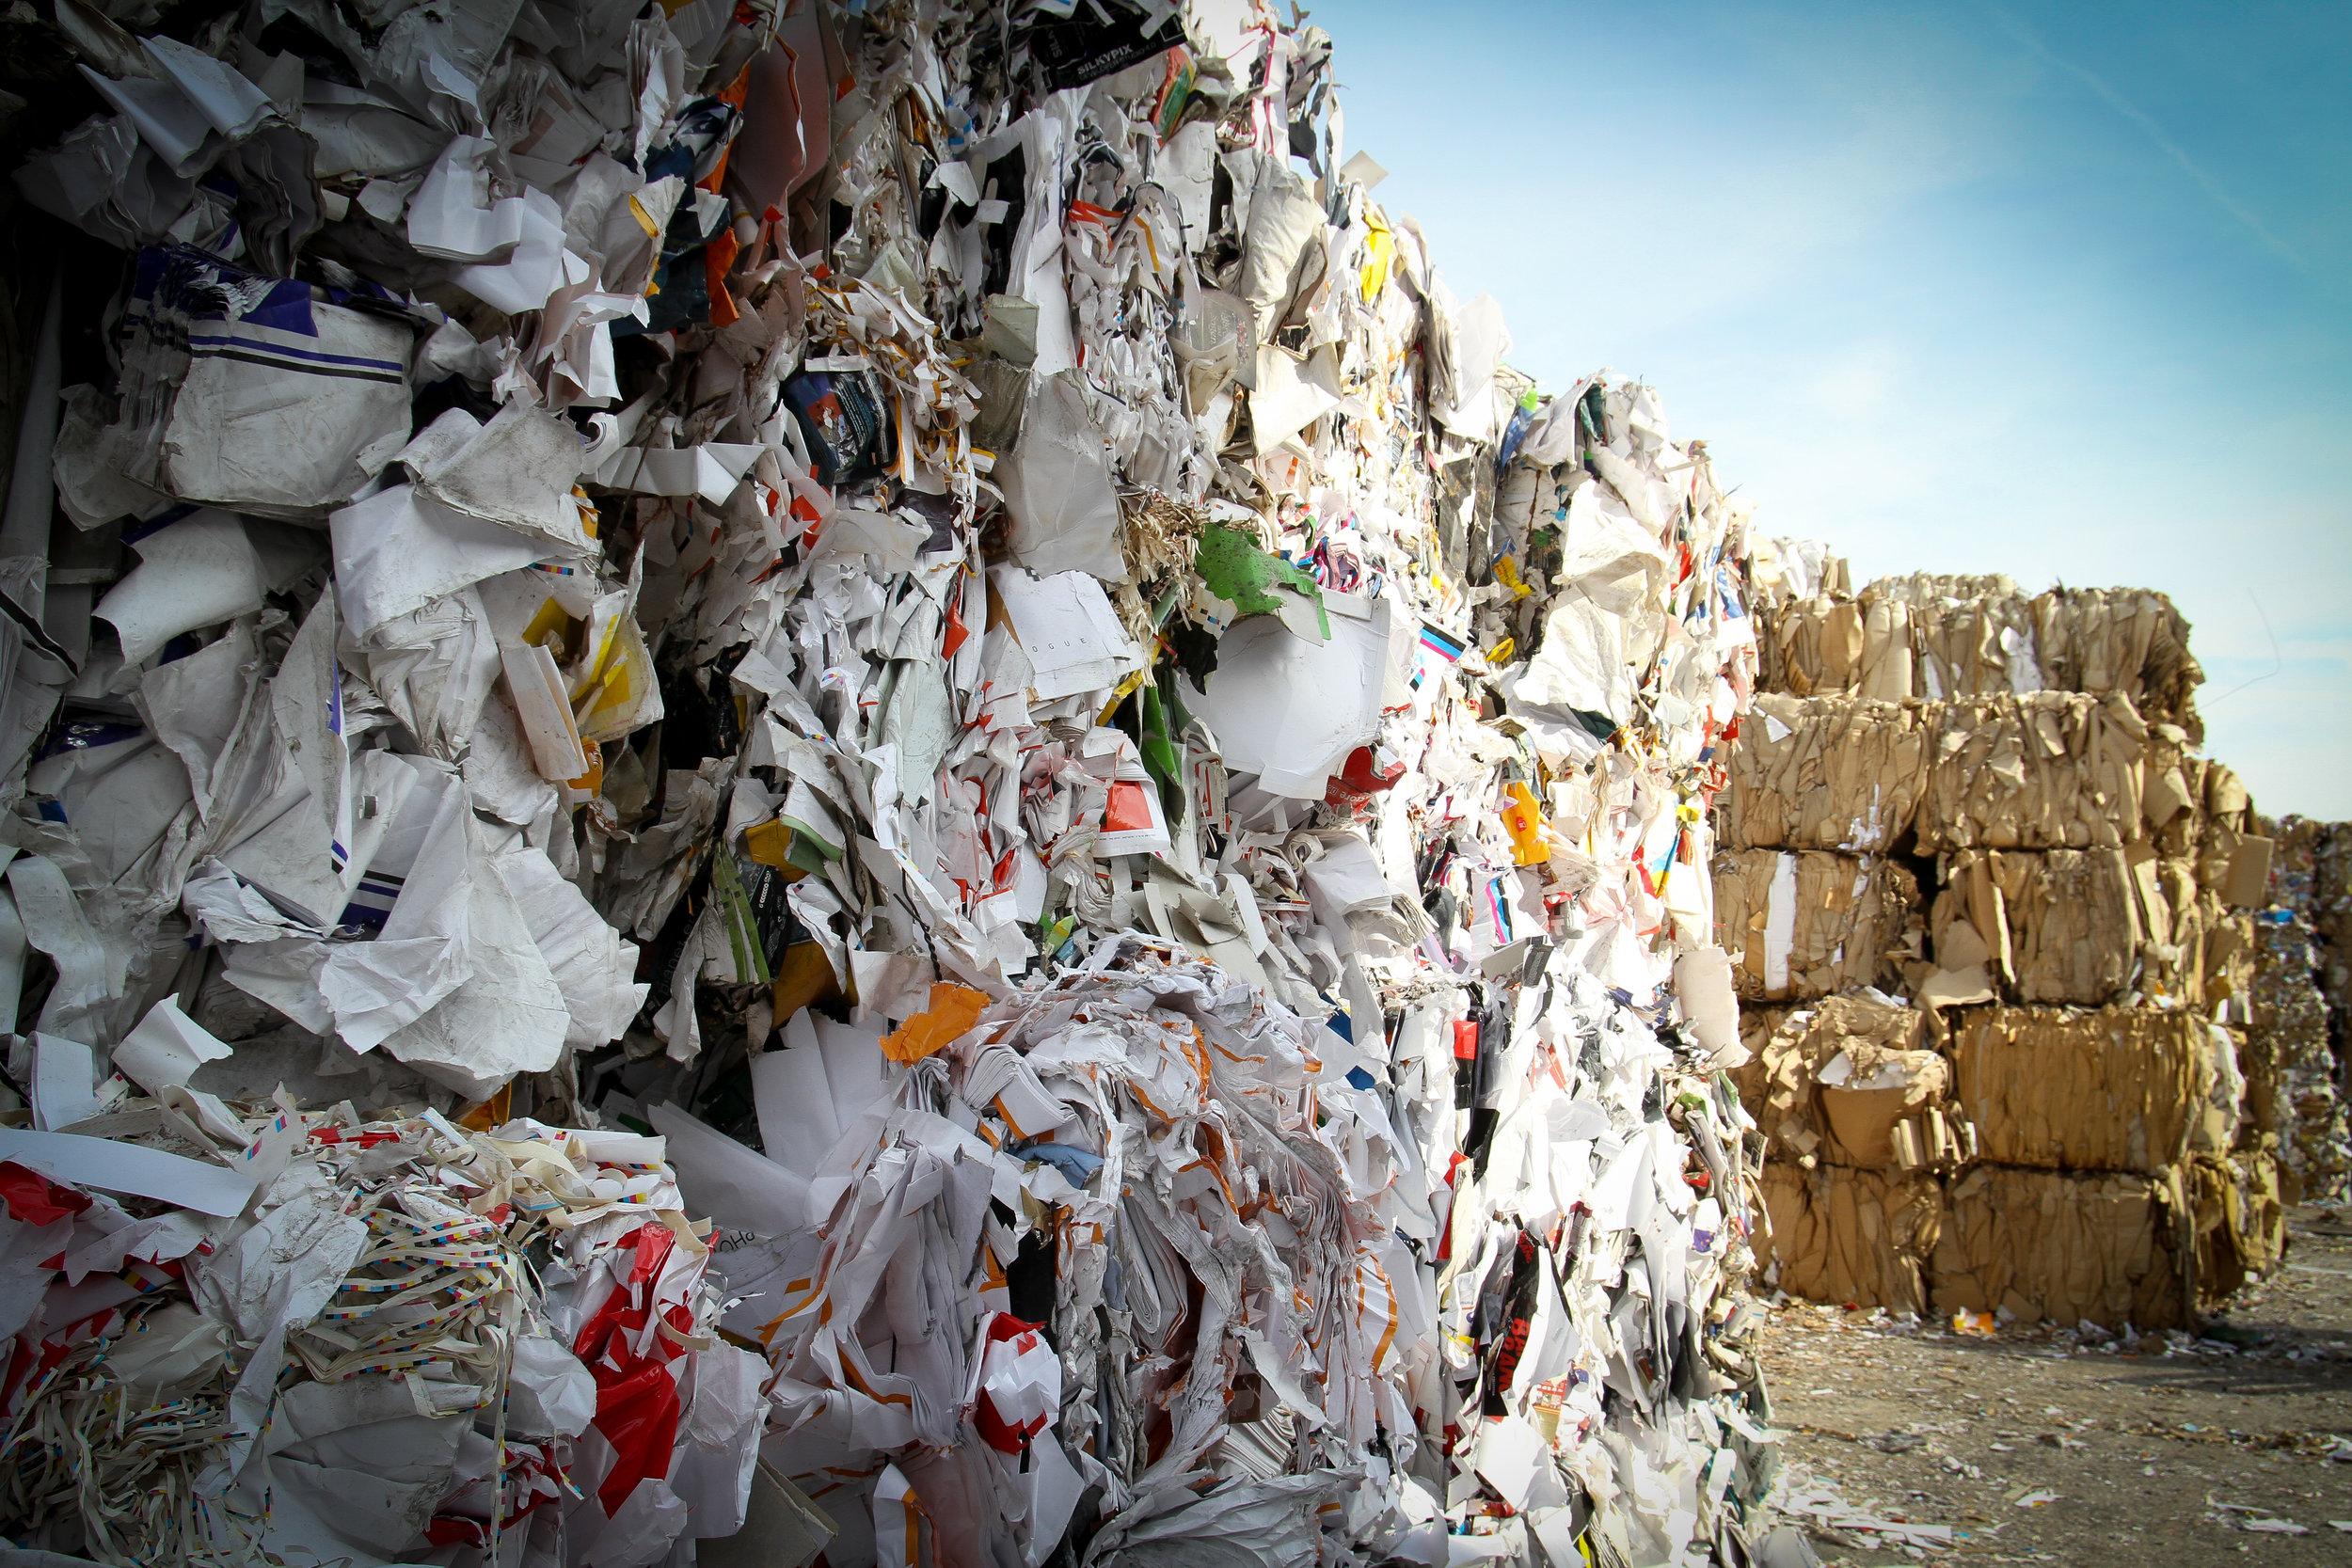 Abfallwirtschaftsunternehmen - Müllvermeidung ist das erste Gebot des Kreislaufwirtschaftsgesetz.